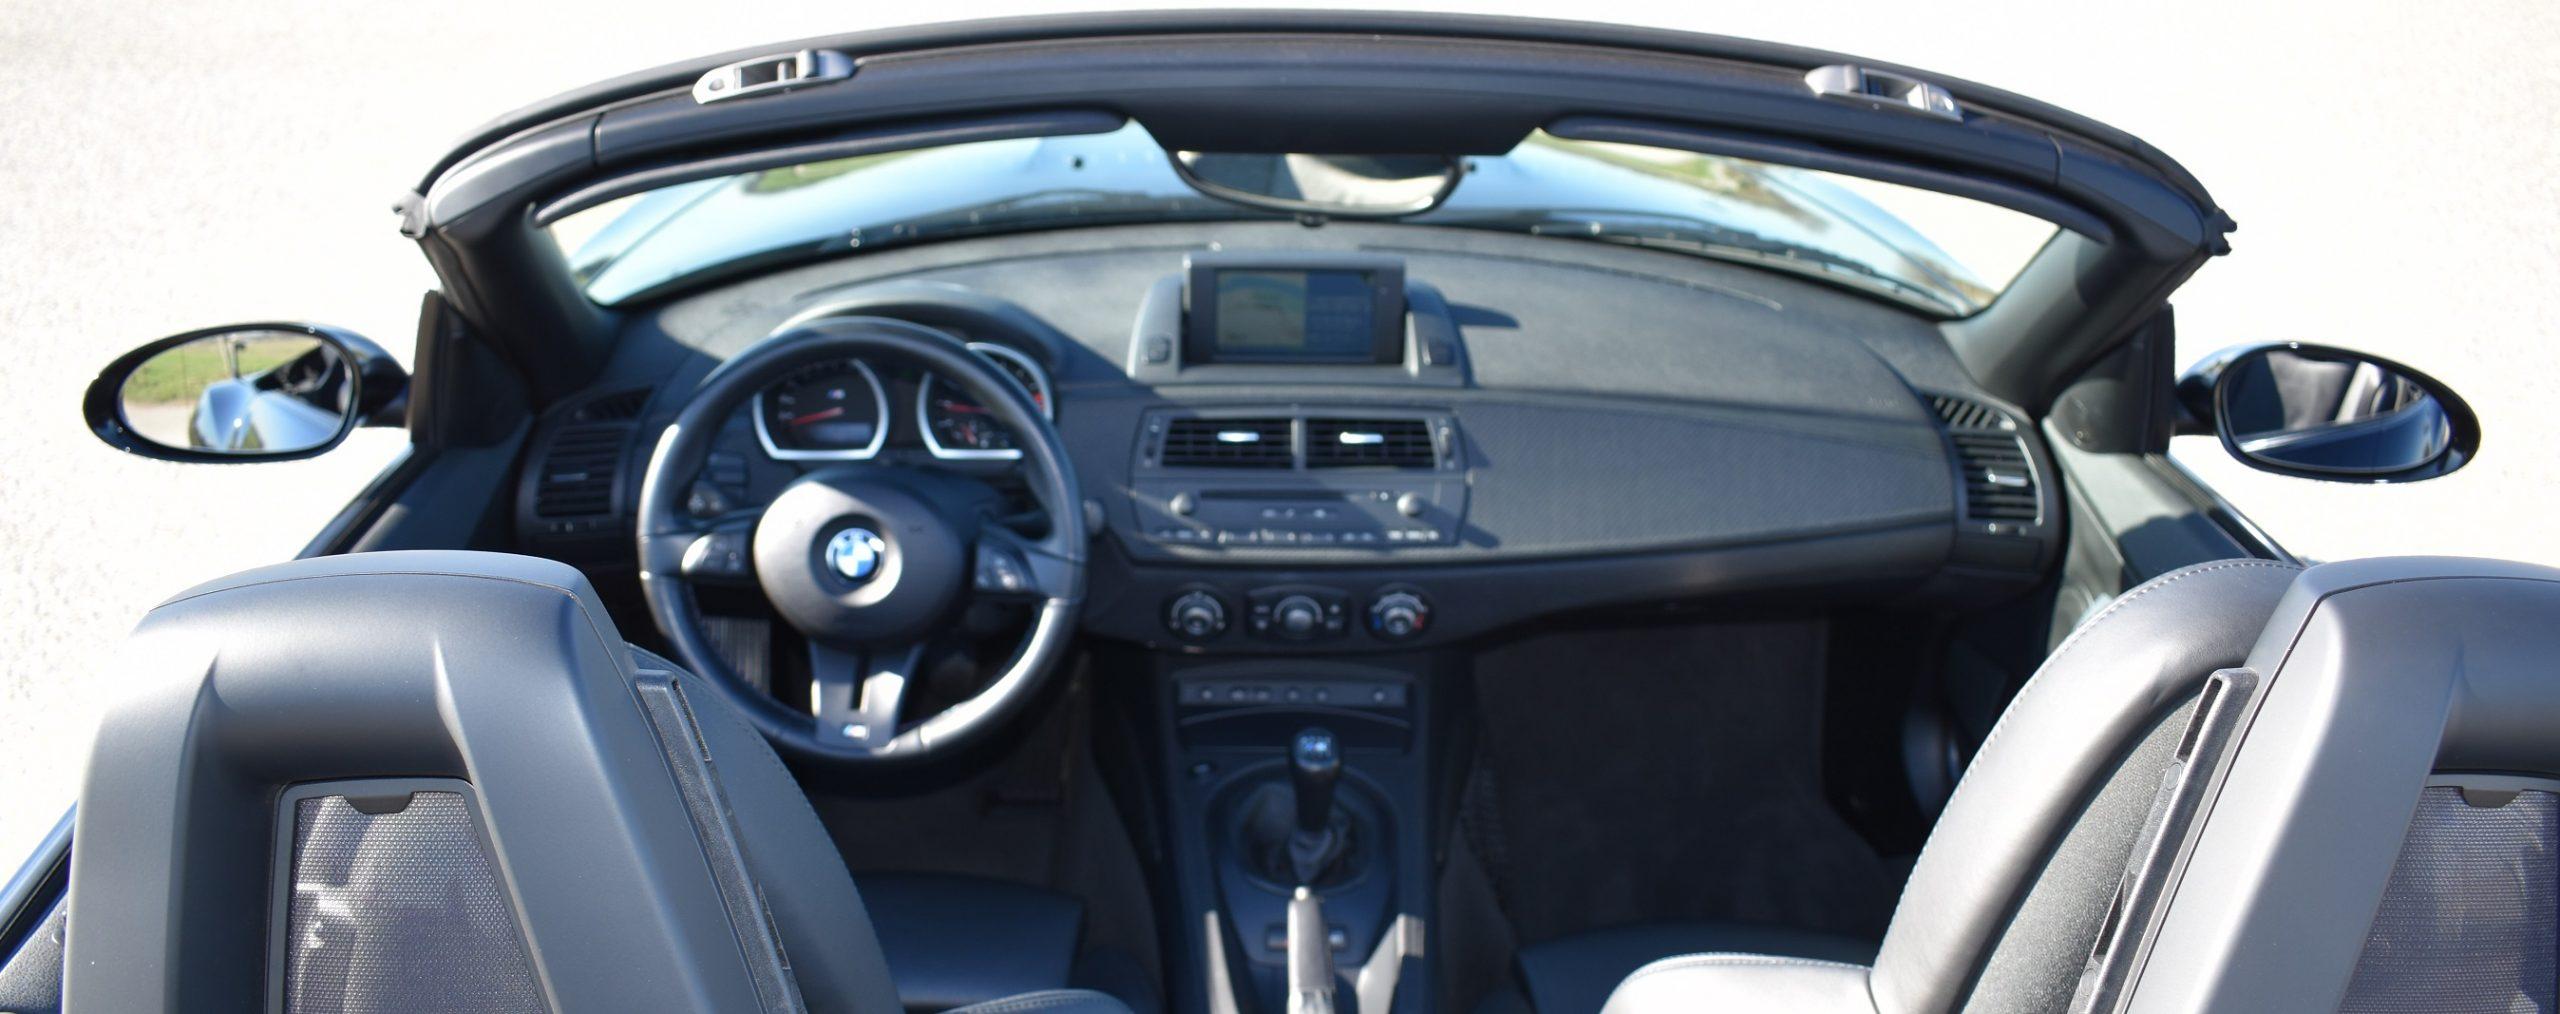 Exclusieve auto kopen bij Driving Passion Den Bosch